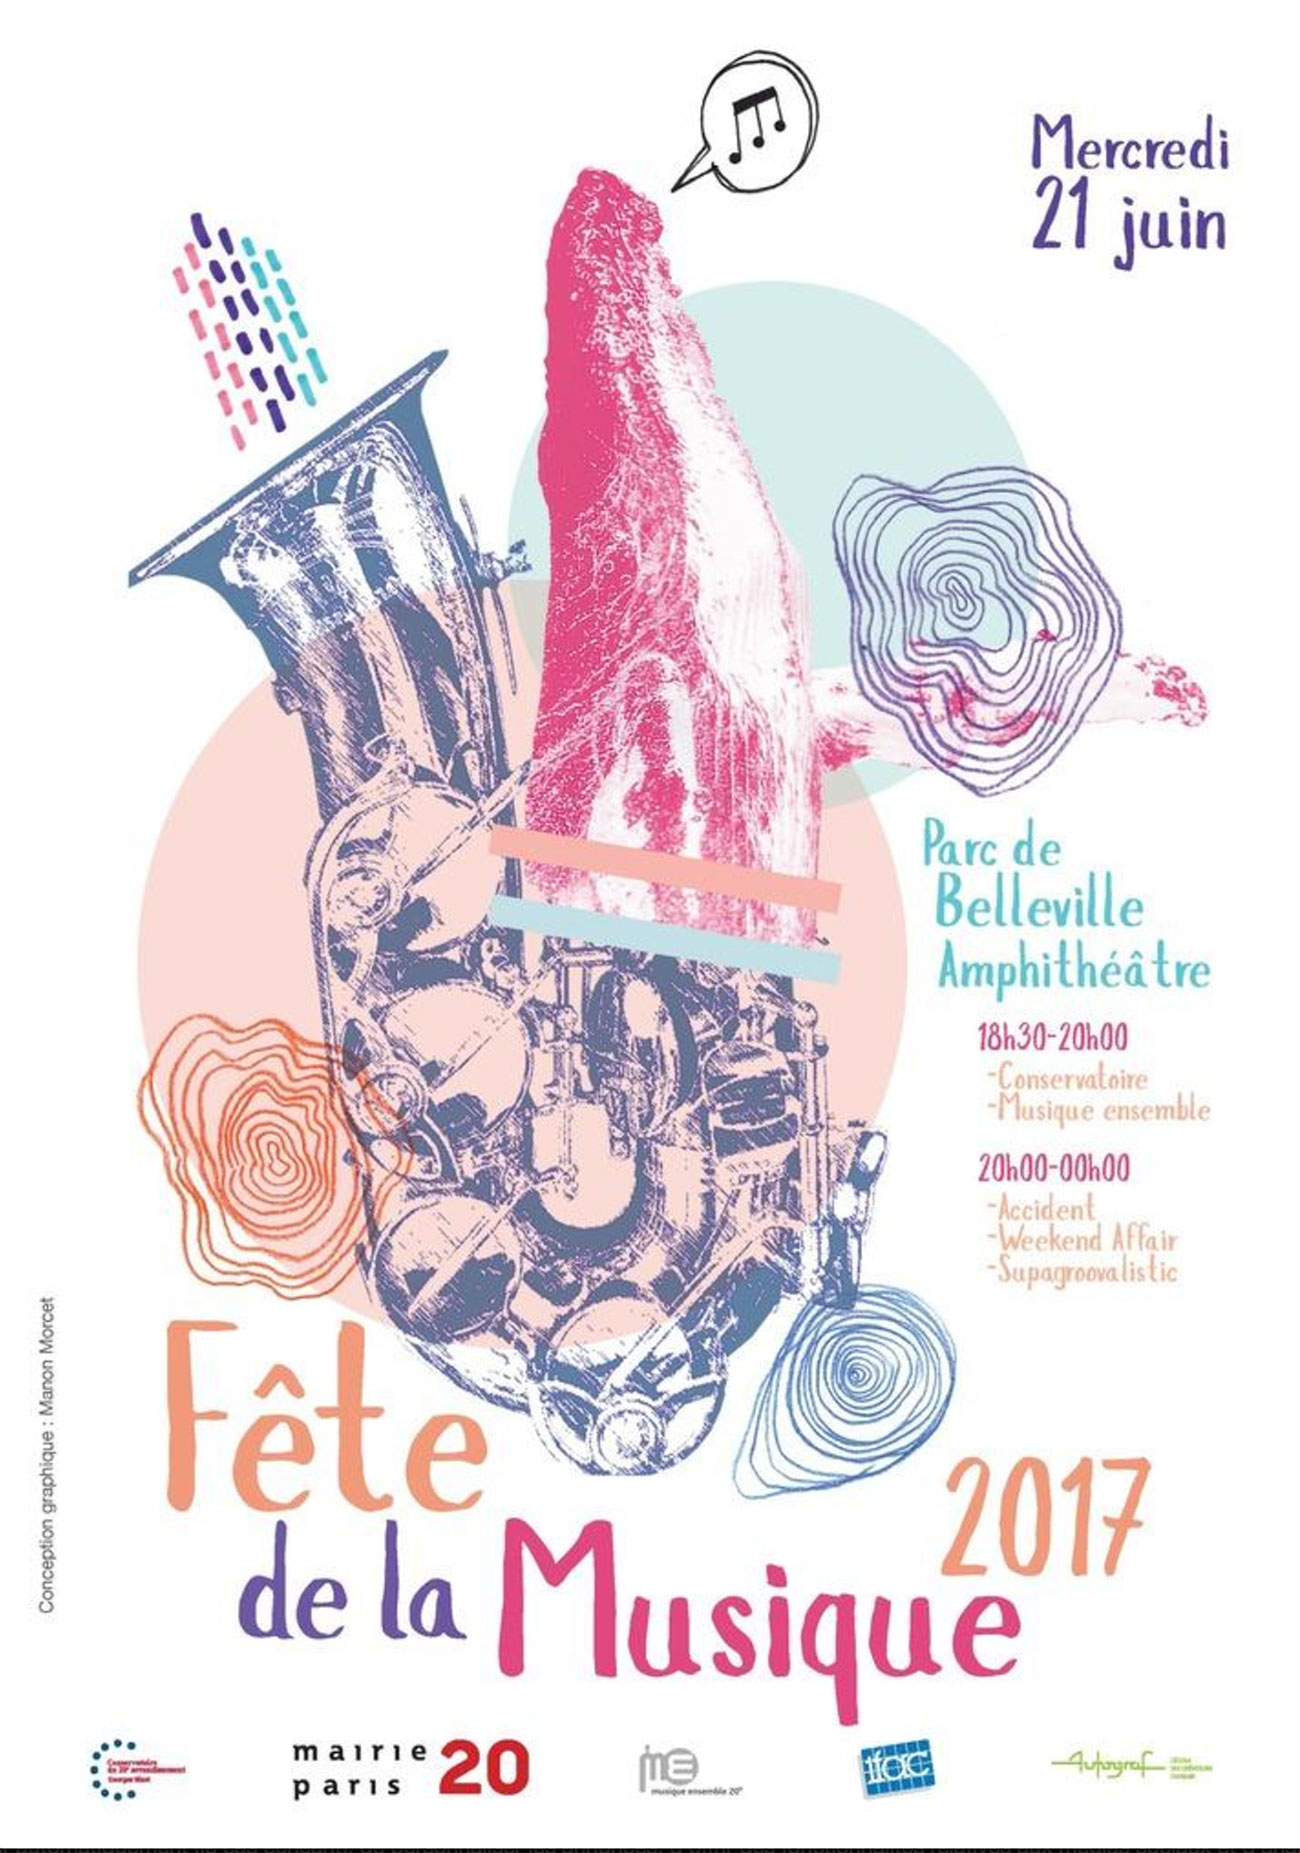 fete-musique-parc-belleville-2017-moncoeur-belleville-restaurant-terrasse-affiche